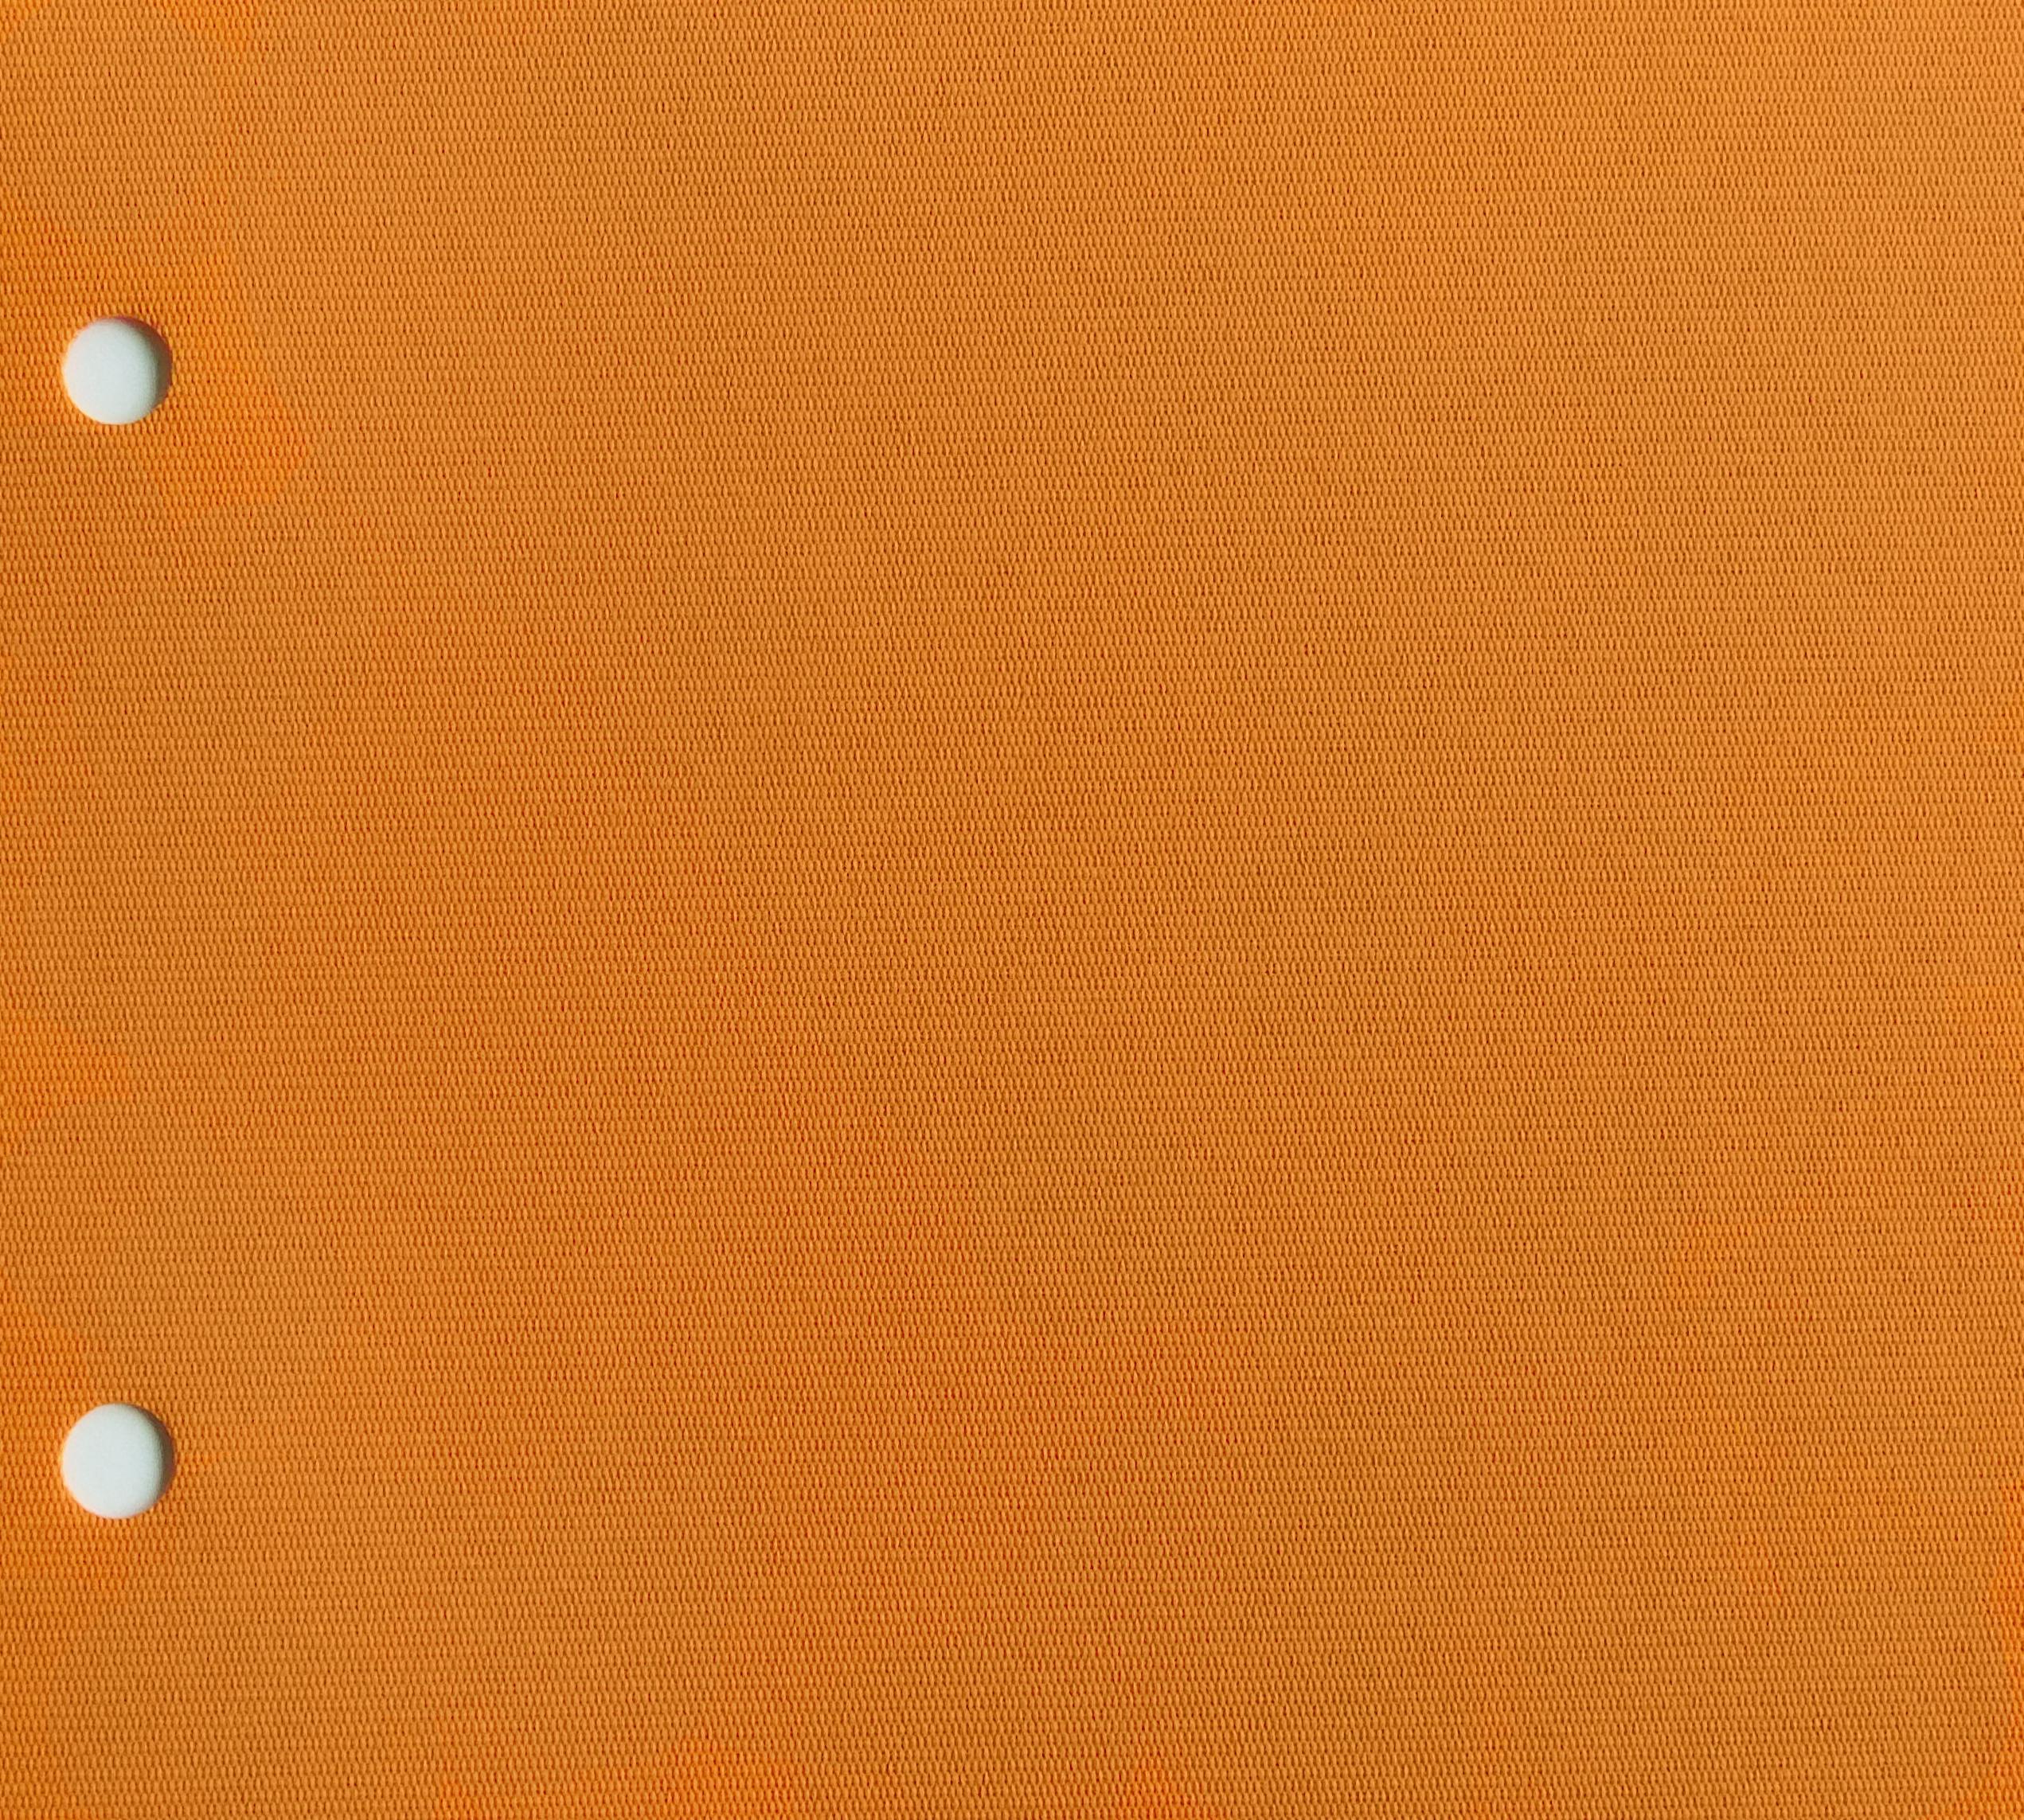 Palette Saffron blind fabric